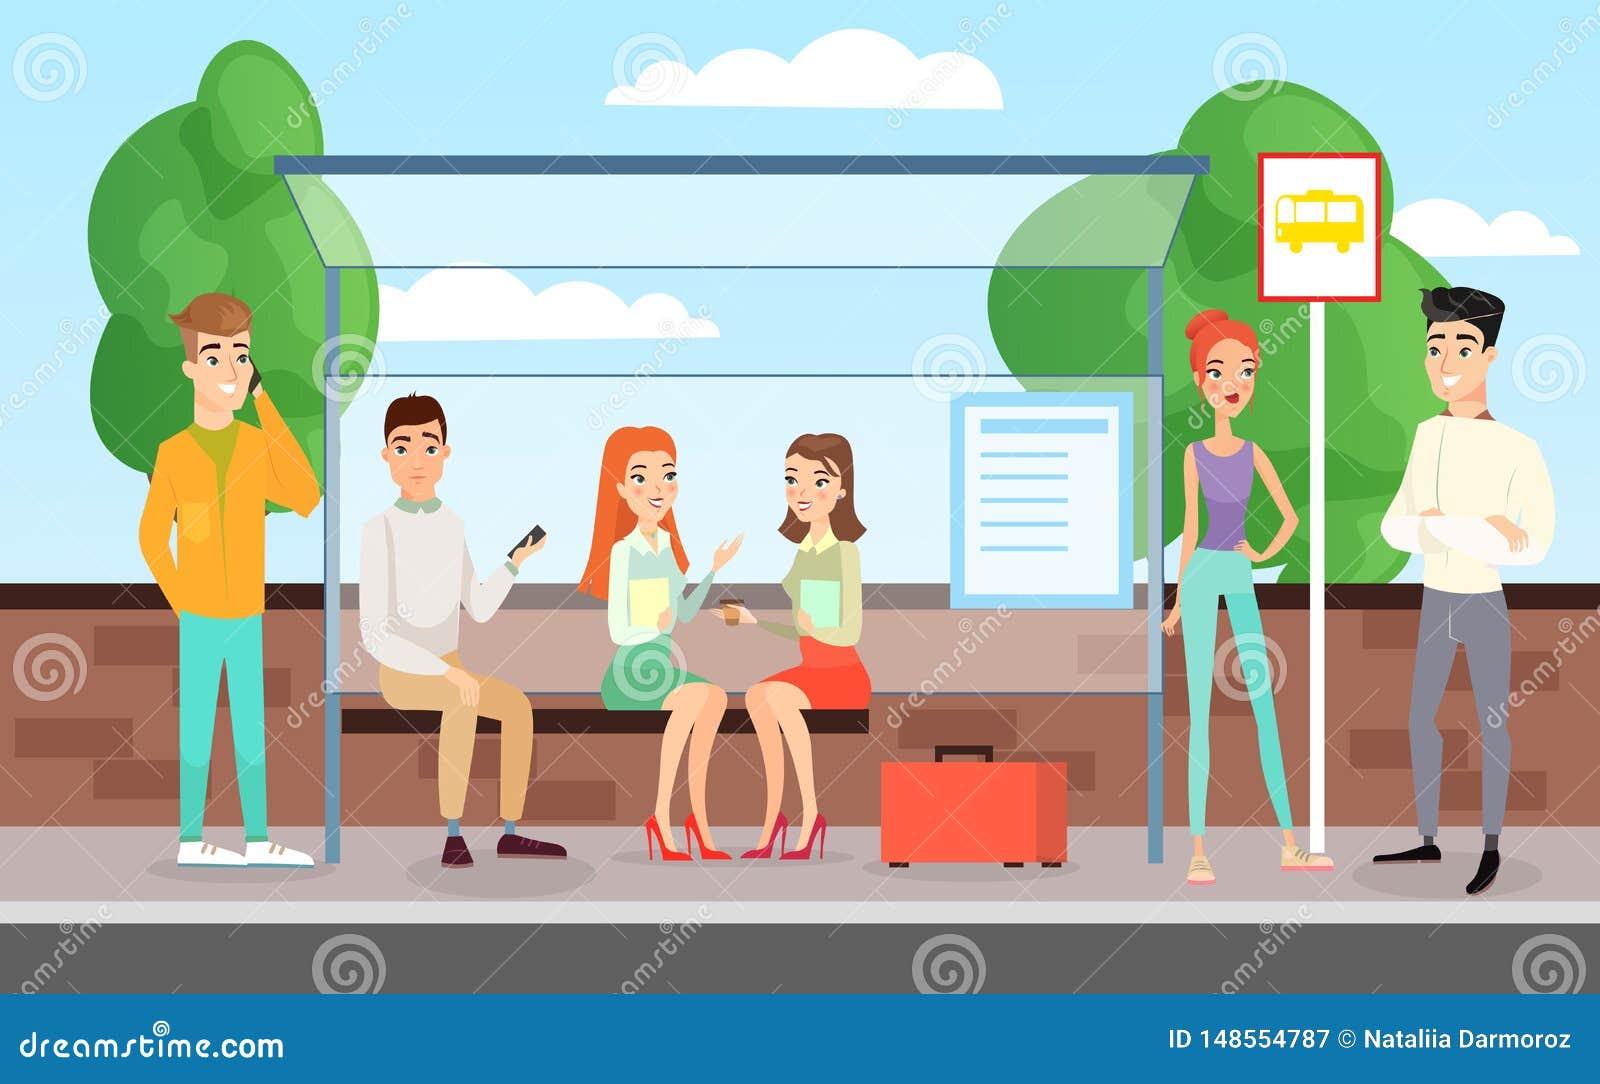 Иллюстрация вектора людей ждать автобус Люди стоящ, говорить и сидеть на автовокзале, концепции автобусной остановки